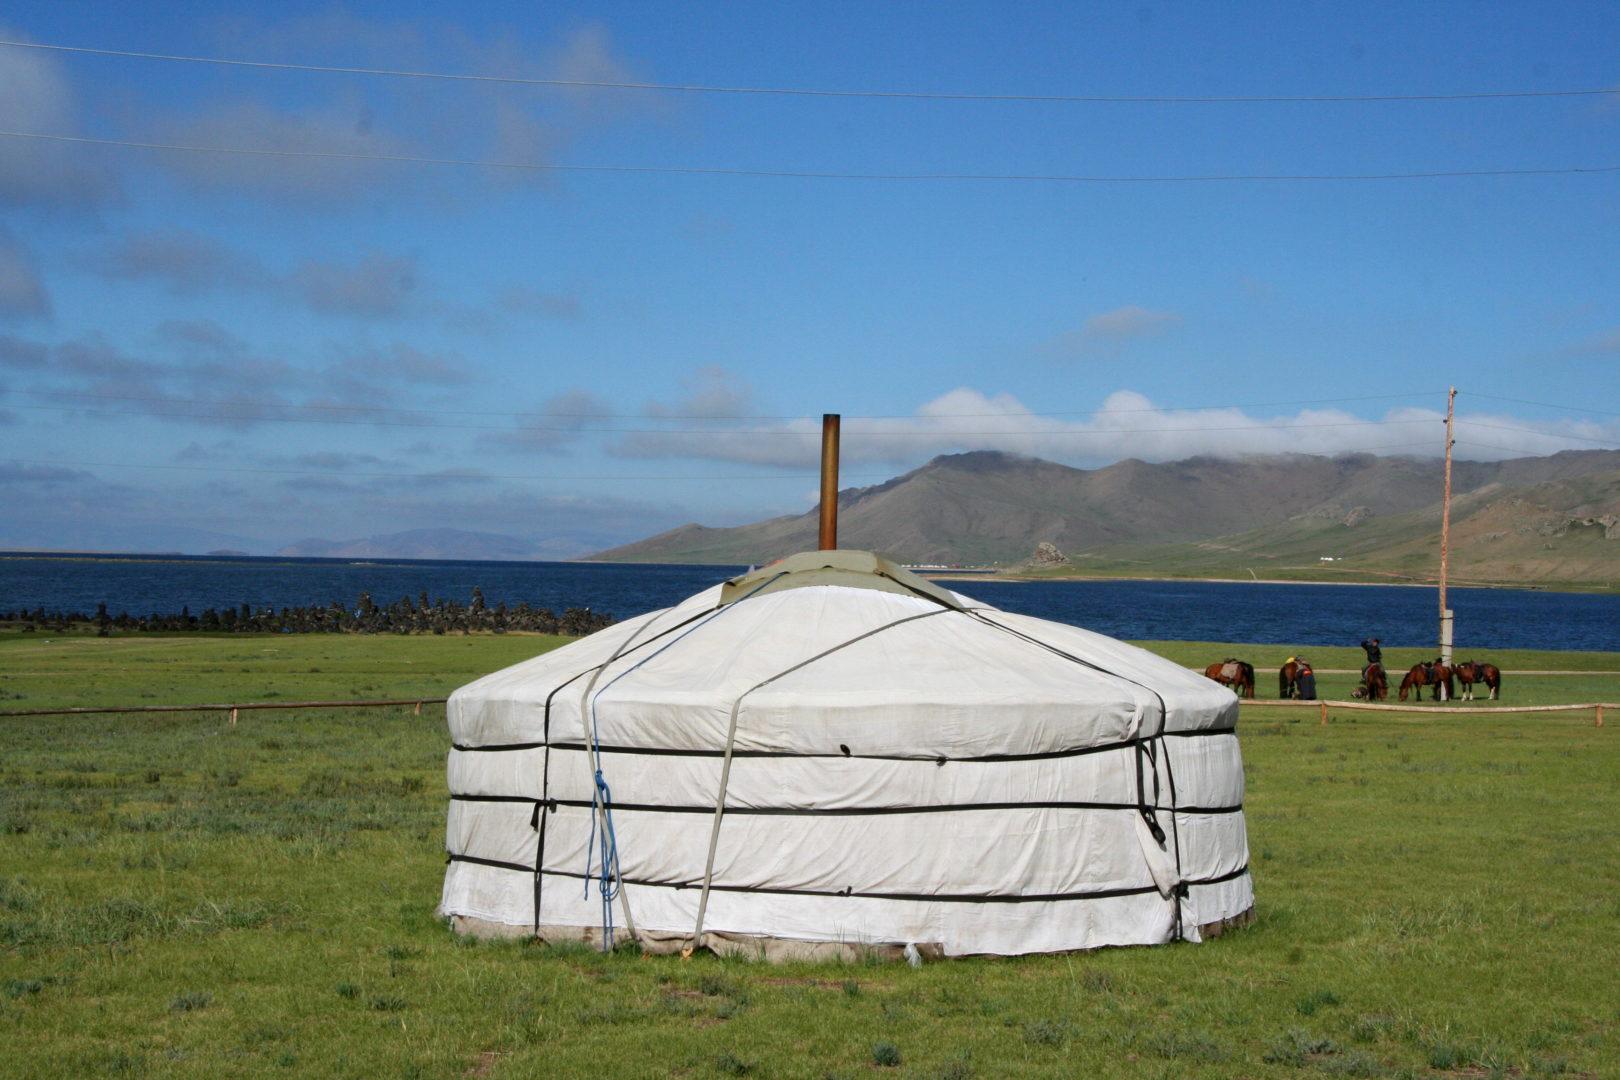 Jurte - Behausung der Nomaden